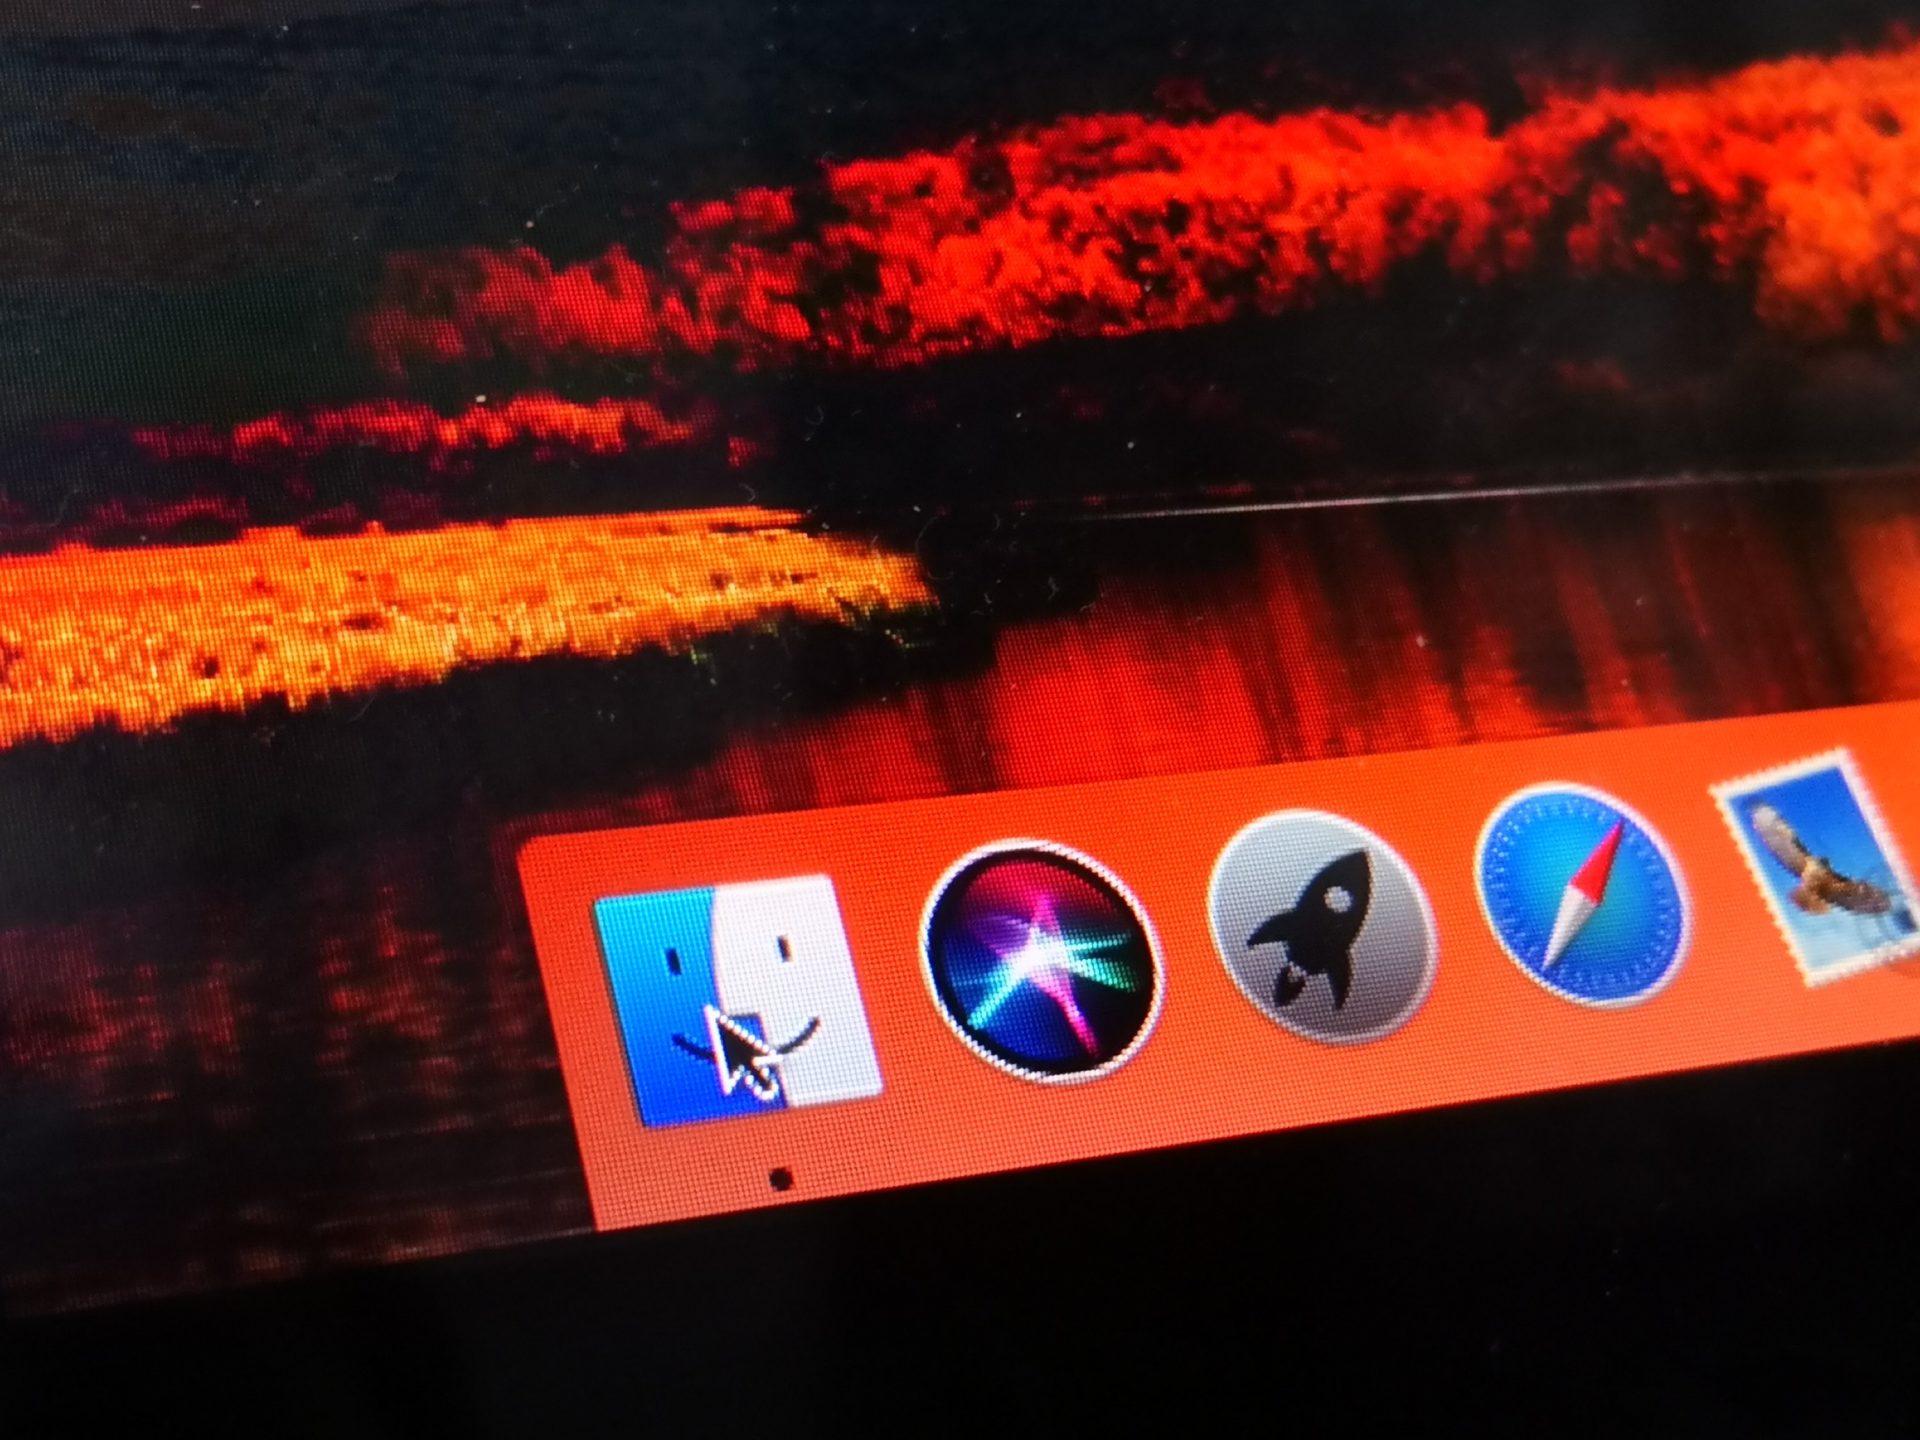 Не удаляется пользователь Mac OS - подвисает. Решено